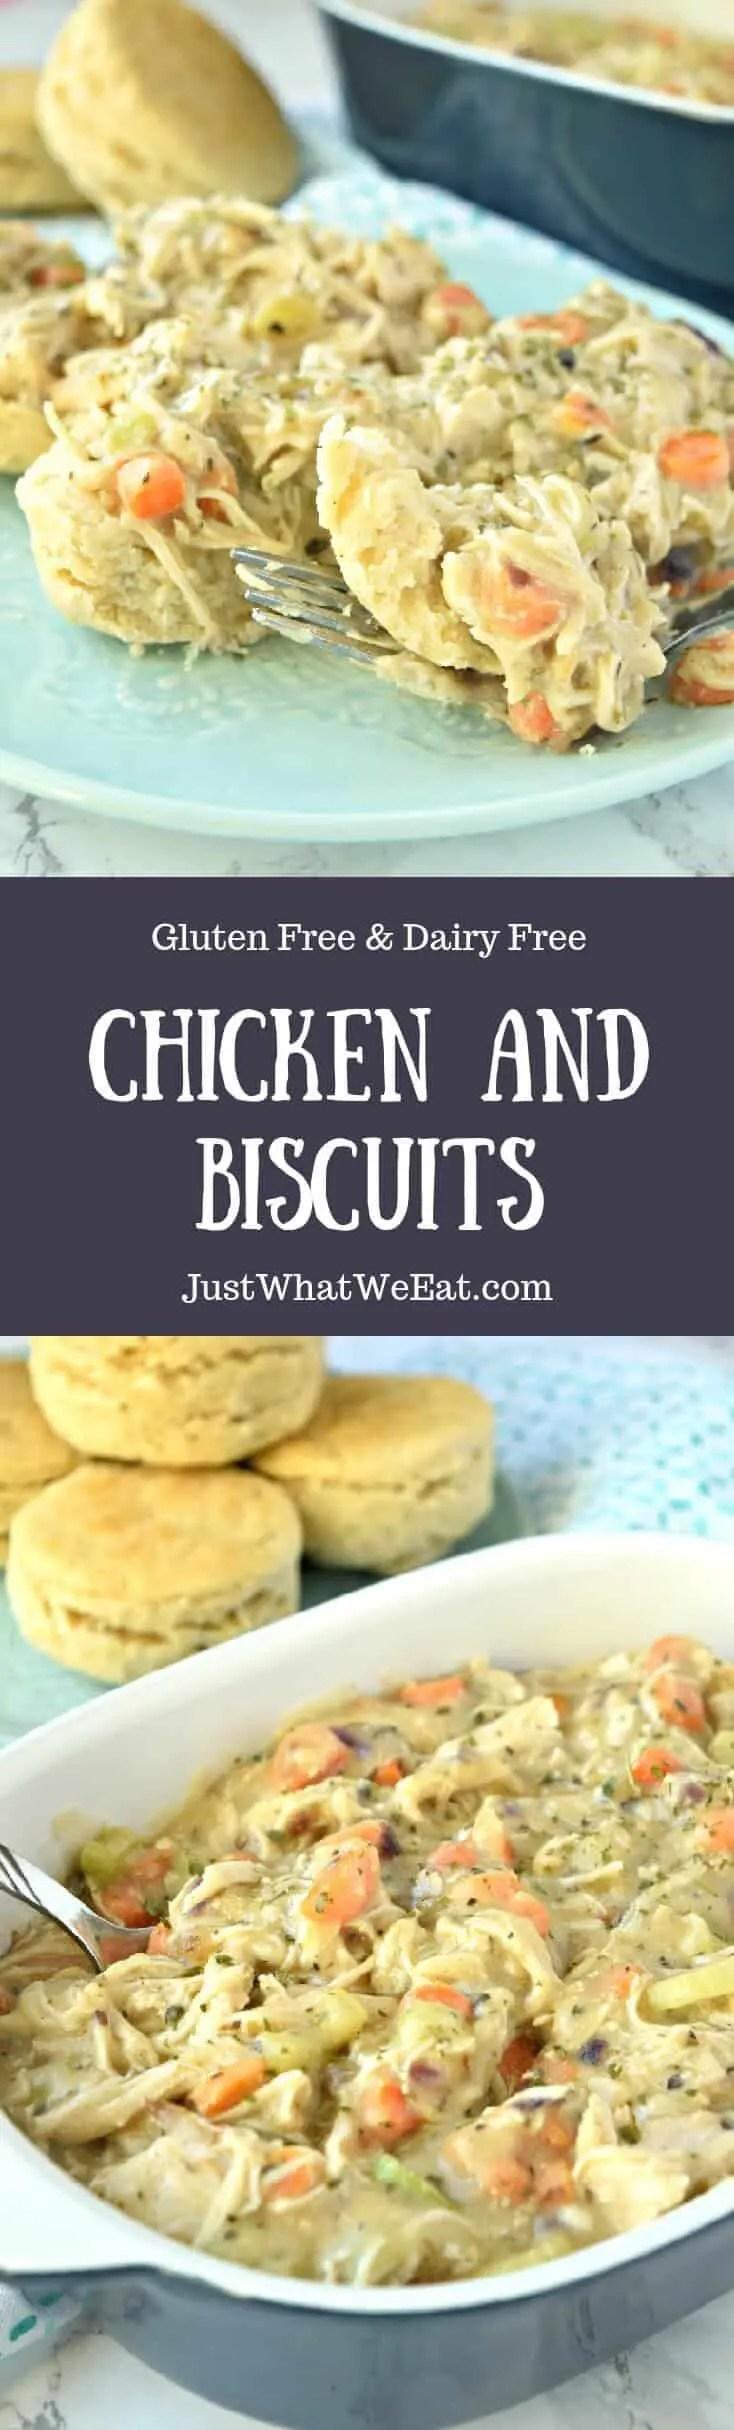 Chicken and Biscuits - Gluten free & Dairy Free